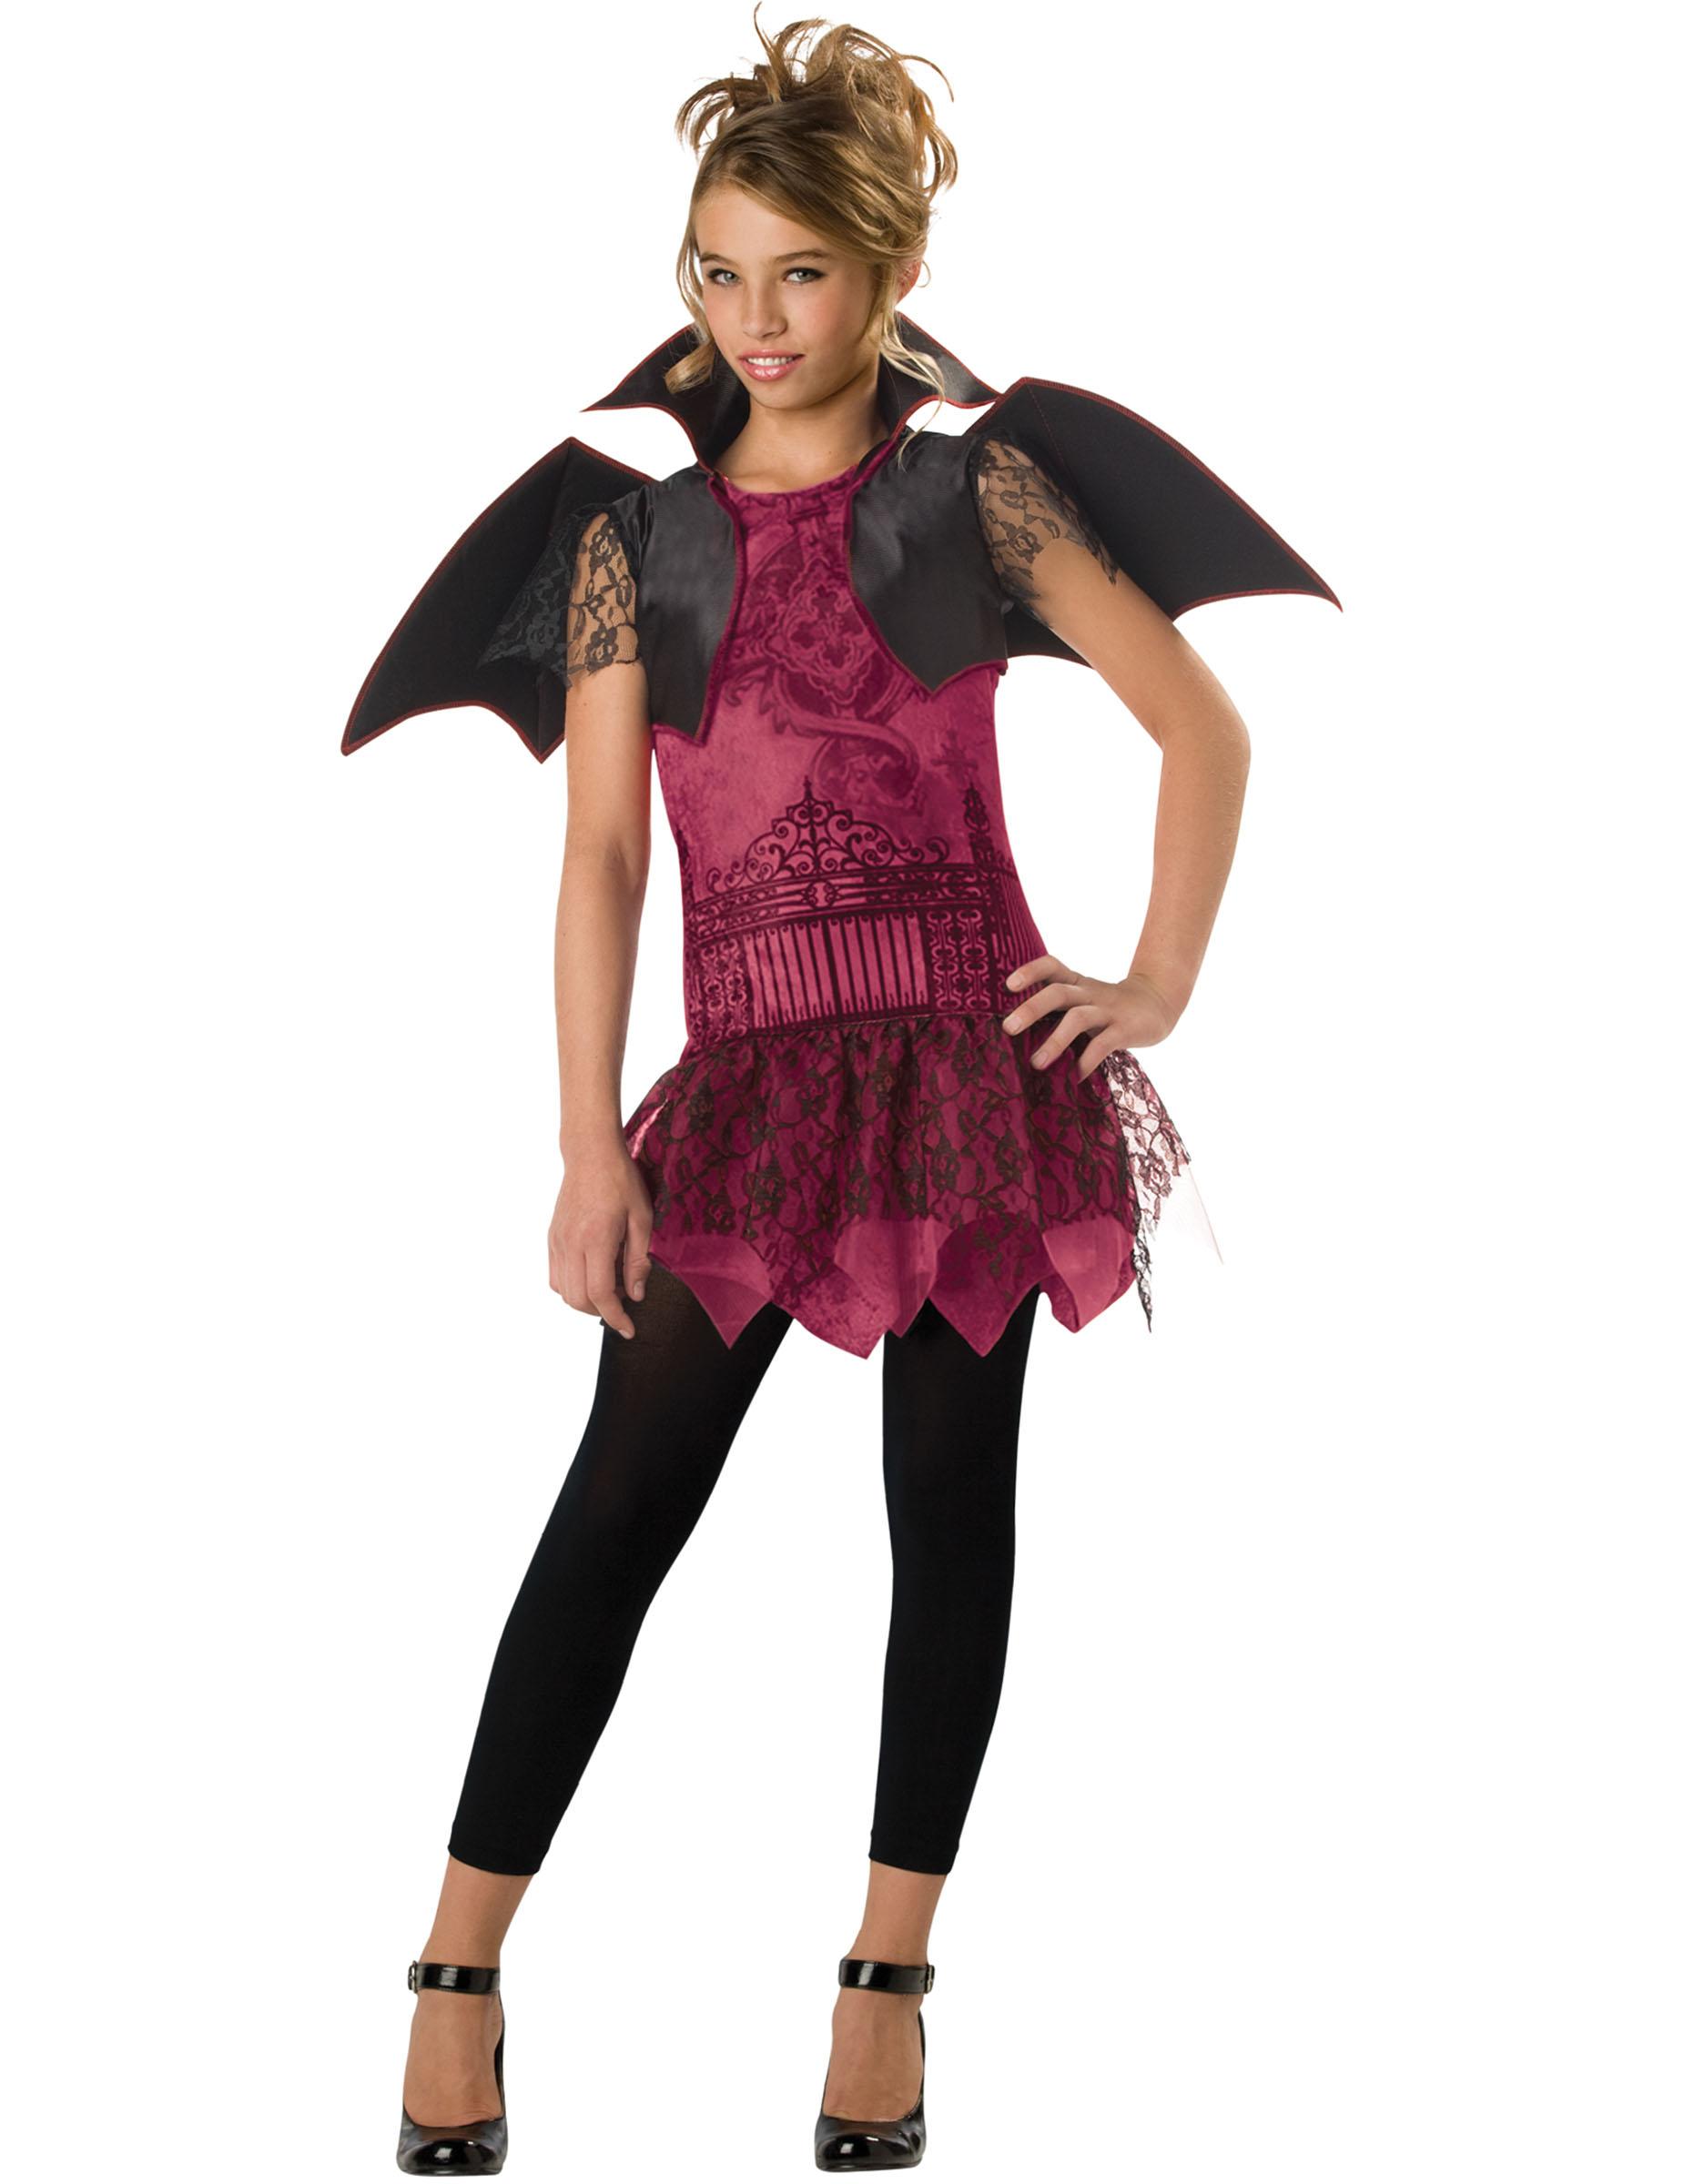 Costume Pipistrello Ragazza Premium Su Vegaooparty Negozio Di Articoli Per Feste